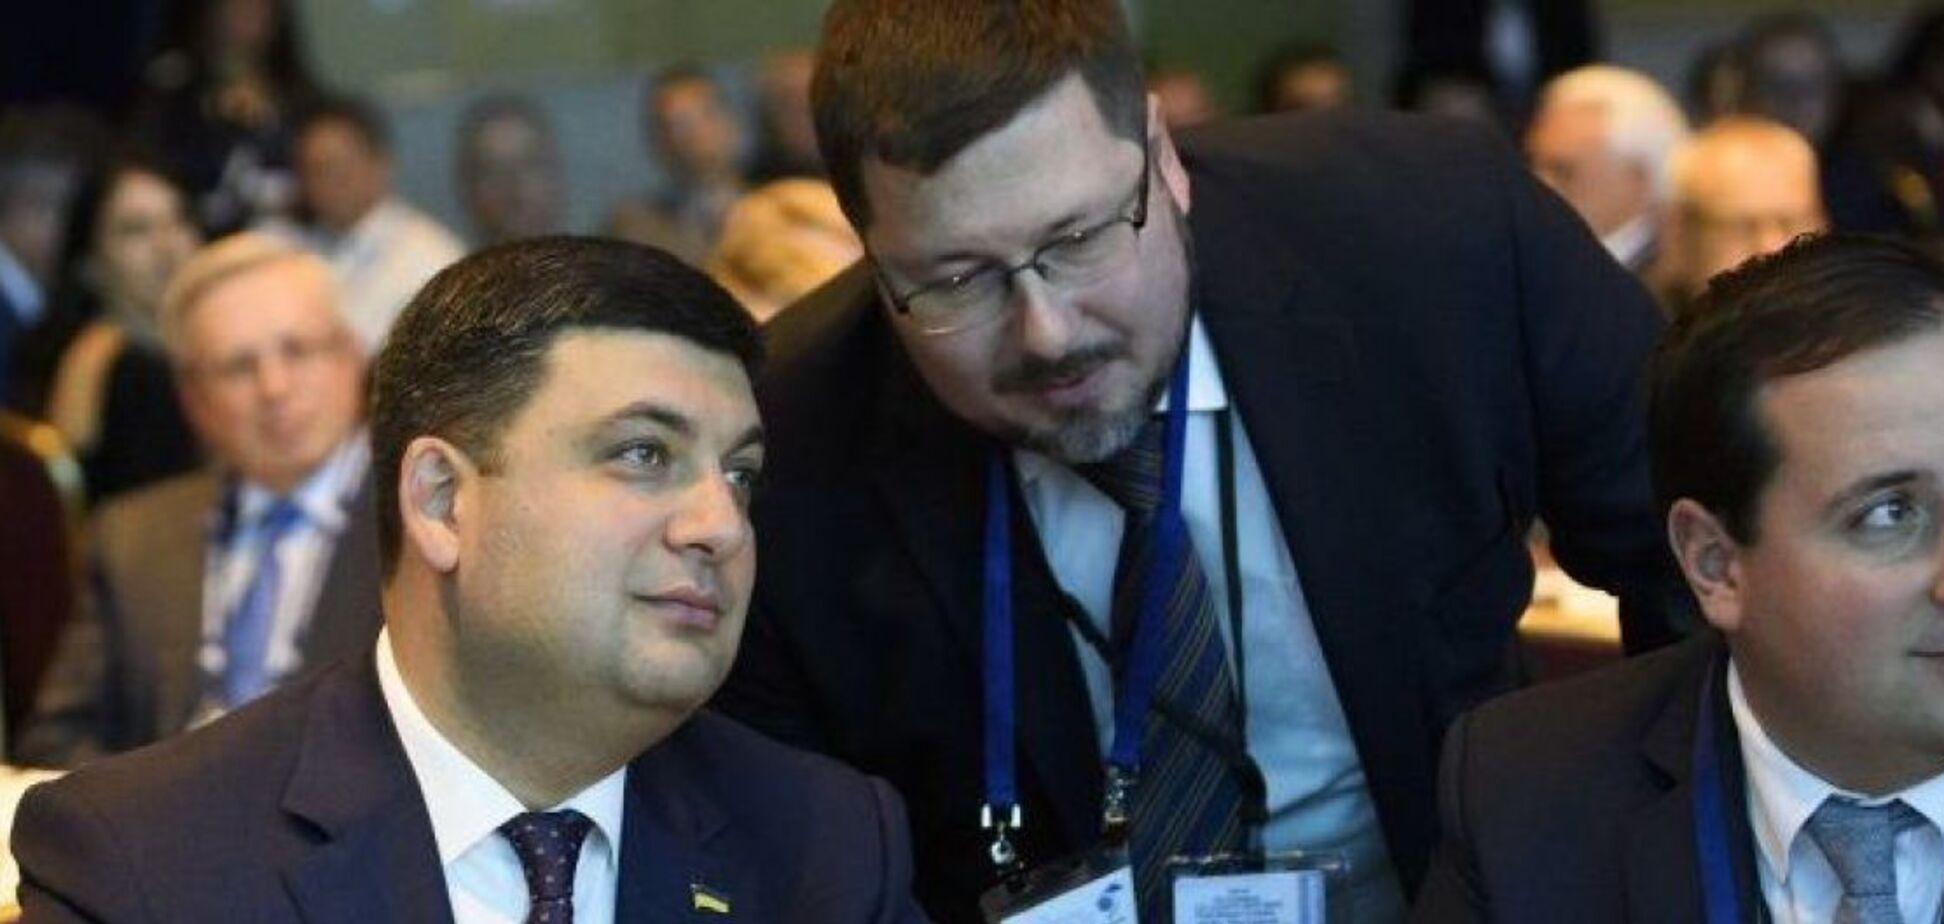 Шпионский скандал в Кабмине: Гройсман рассказал подробности о своем переводчике